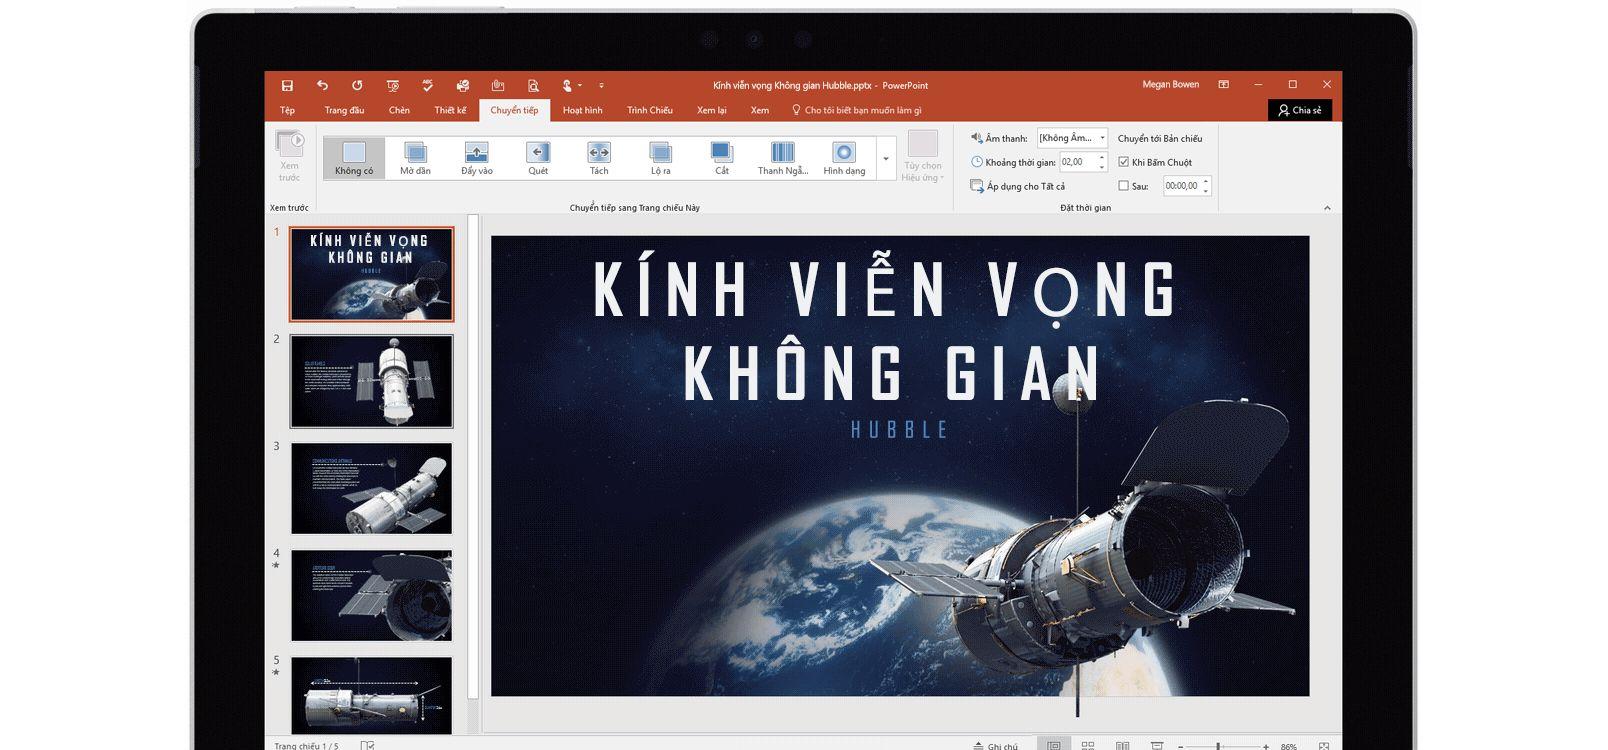 Màn hình máy tính bảng hiển thị Biến đổi đang được sử dụng trong PowerPoint về kính viễn vọng không gian